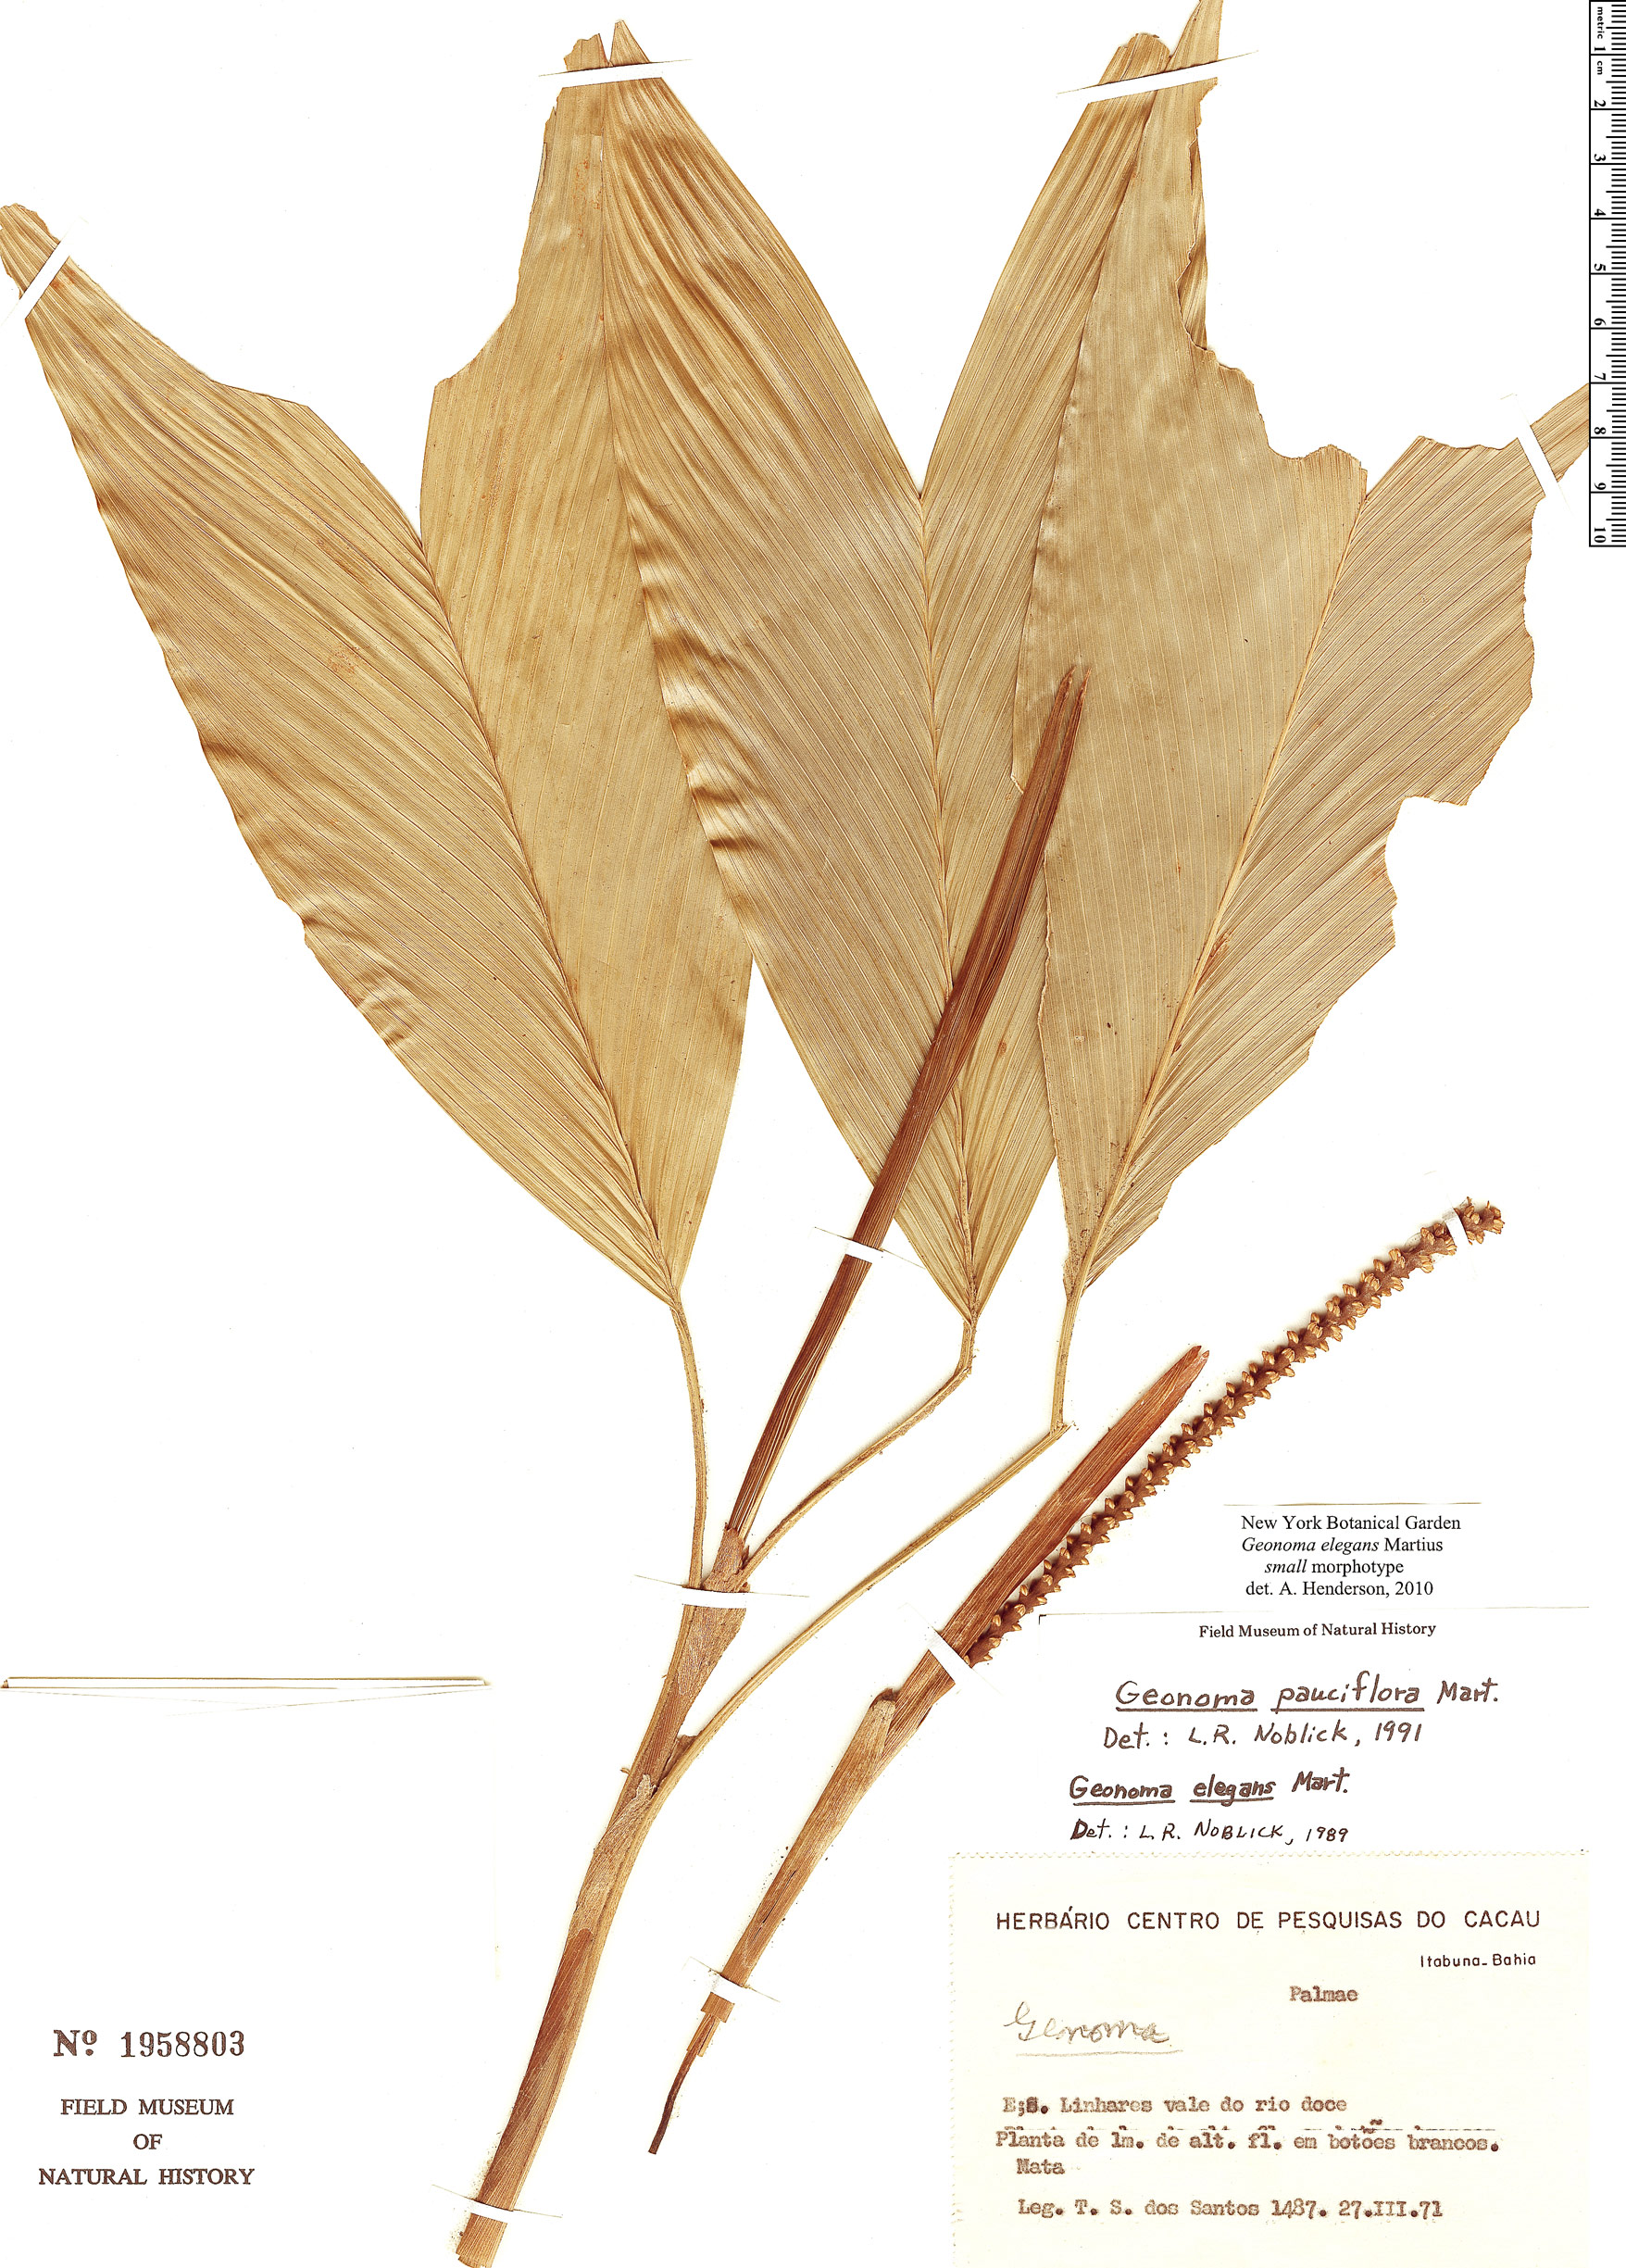 Espécime: Geonoma elegans